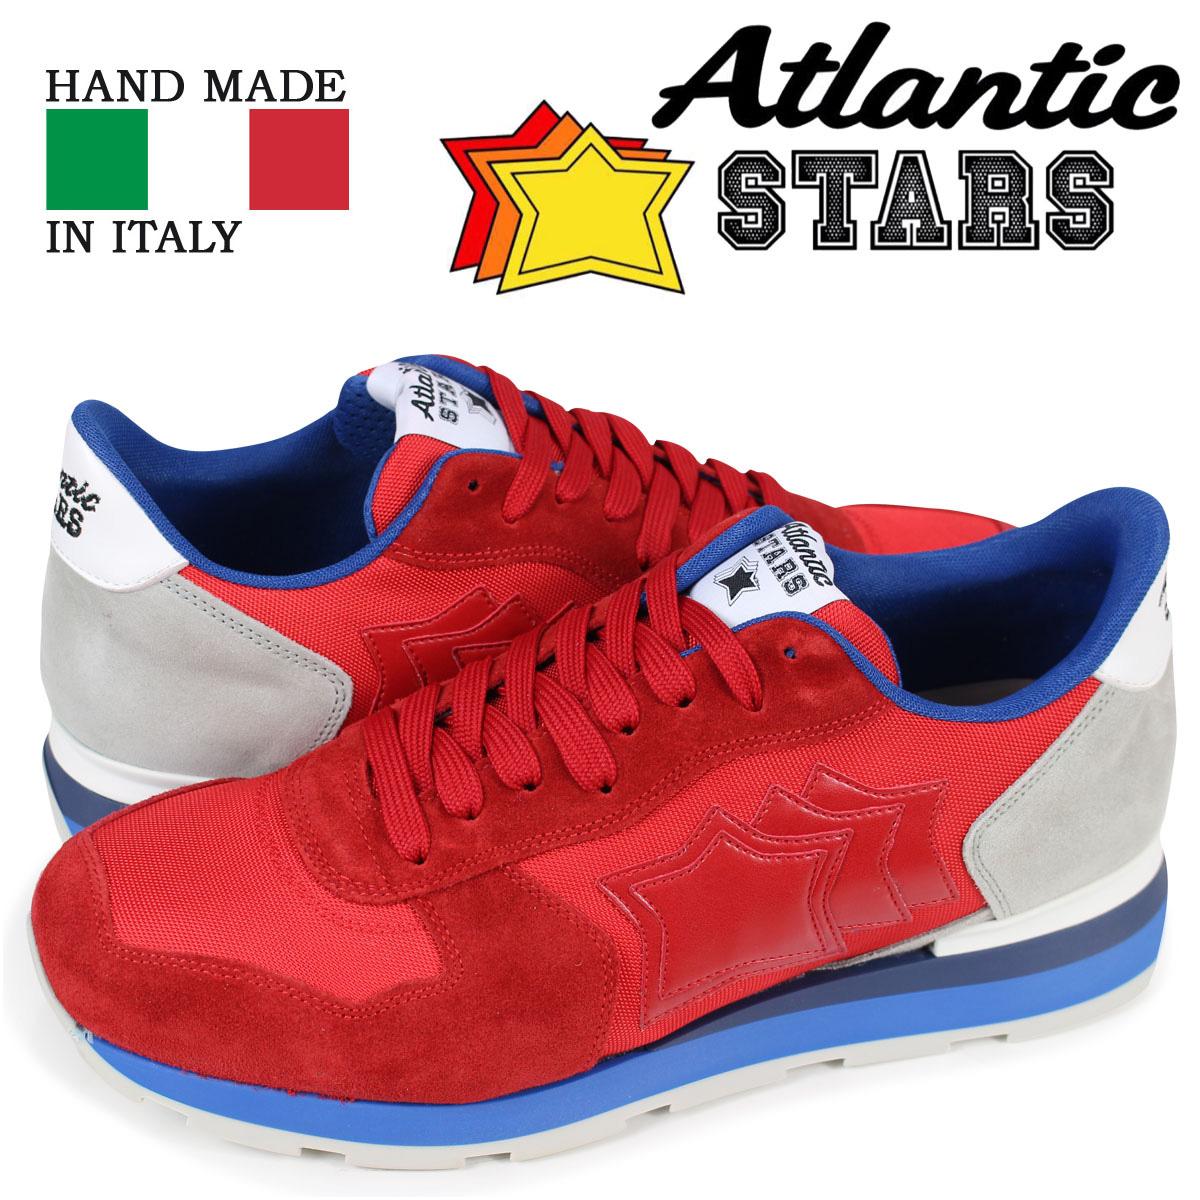 送料無料 アトランティックスターズ STARS メンズ スニーカー Atlantic STARS アンタレス ANTARES ANTARES Atlantic FBR-83B レッド, デイショップ:f560b584 --- paulogalvao.com